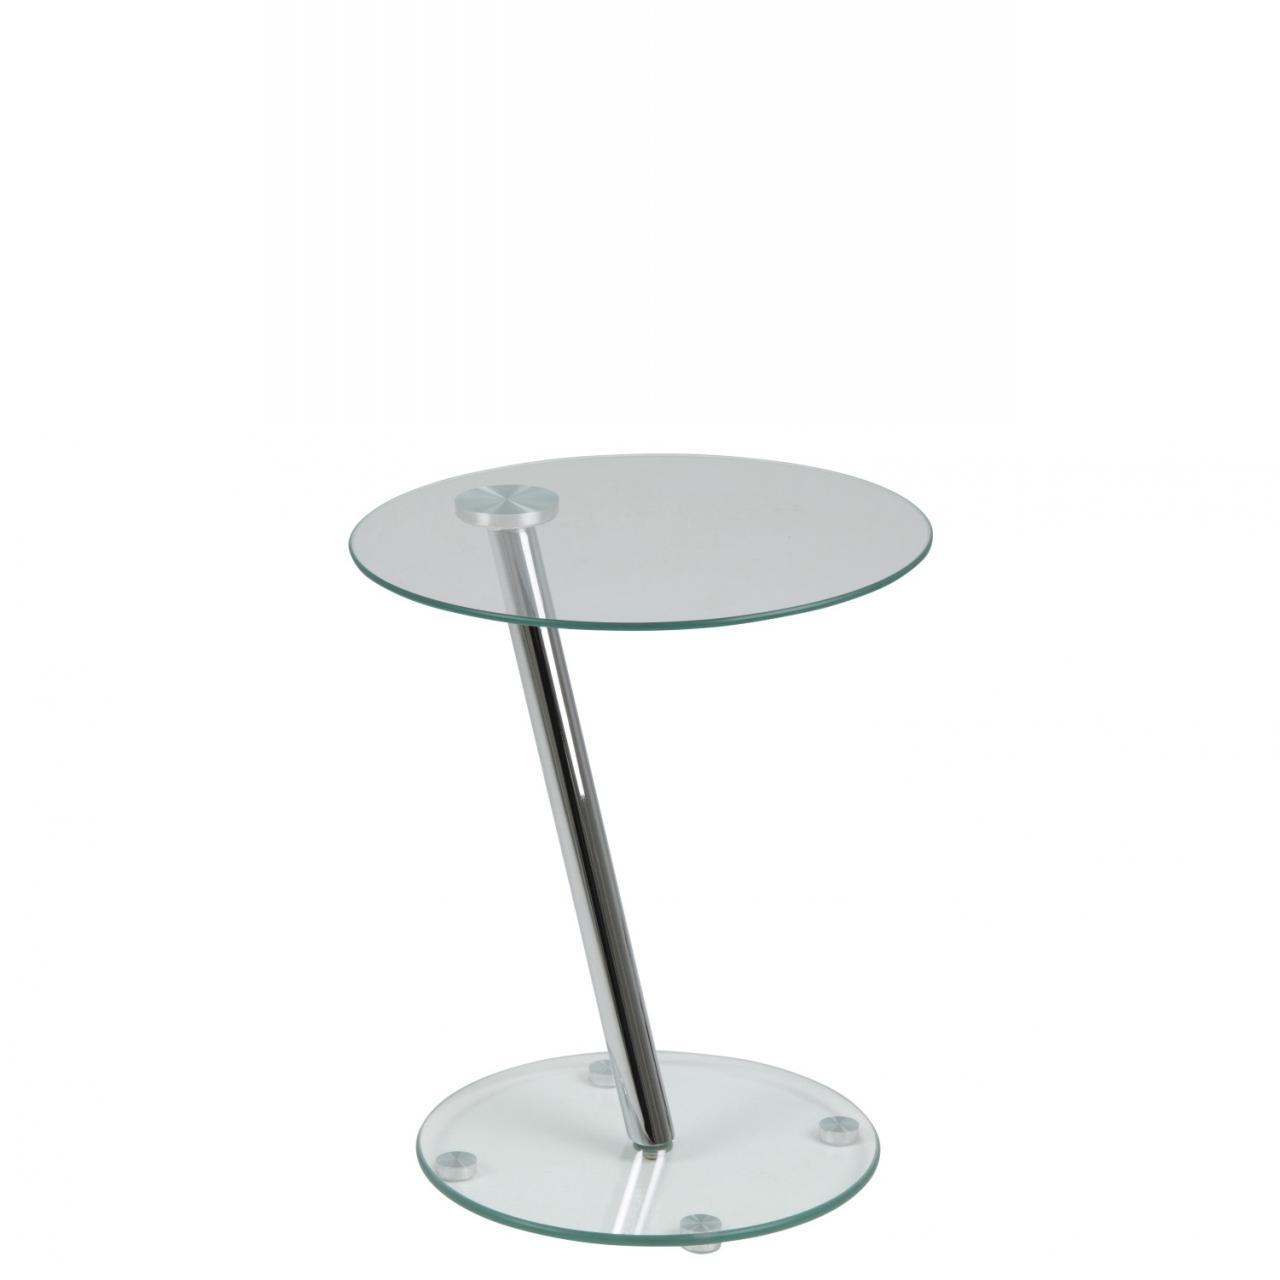 Beistelltisch glas chrom  Beistelltisch Dexter 71586 Glas Chrom Stubentisch Couchtisch Tisch Glasfuß